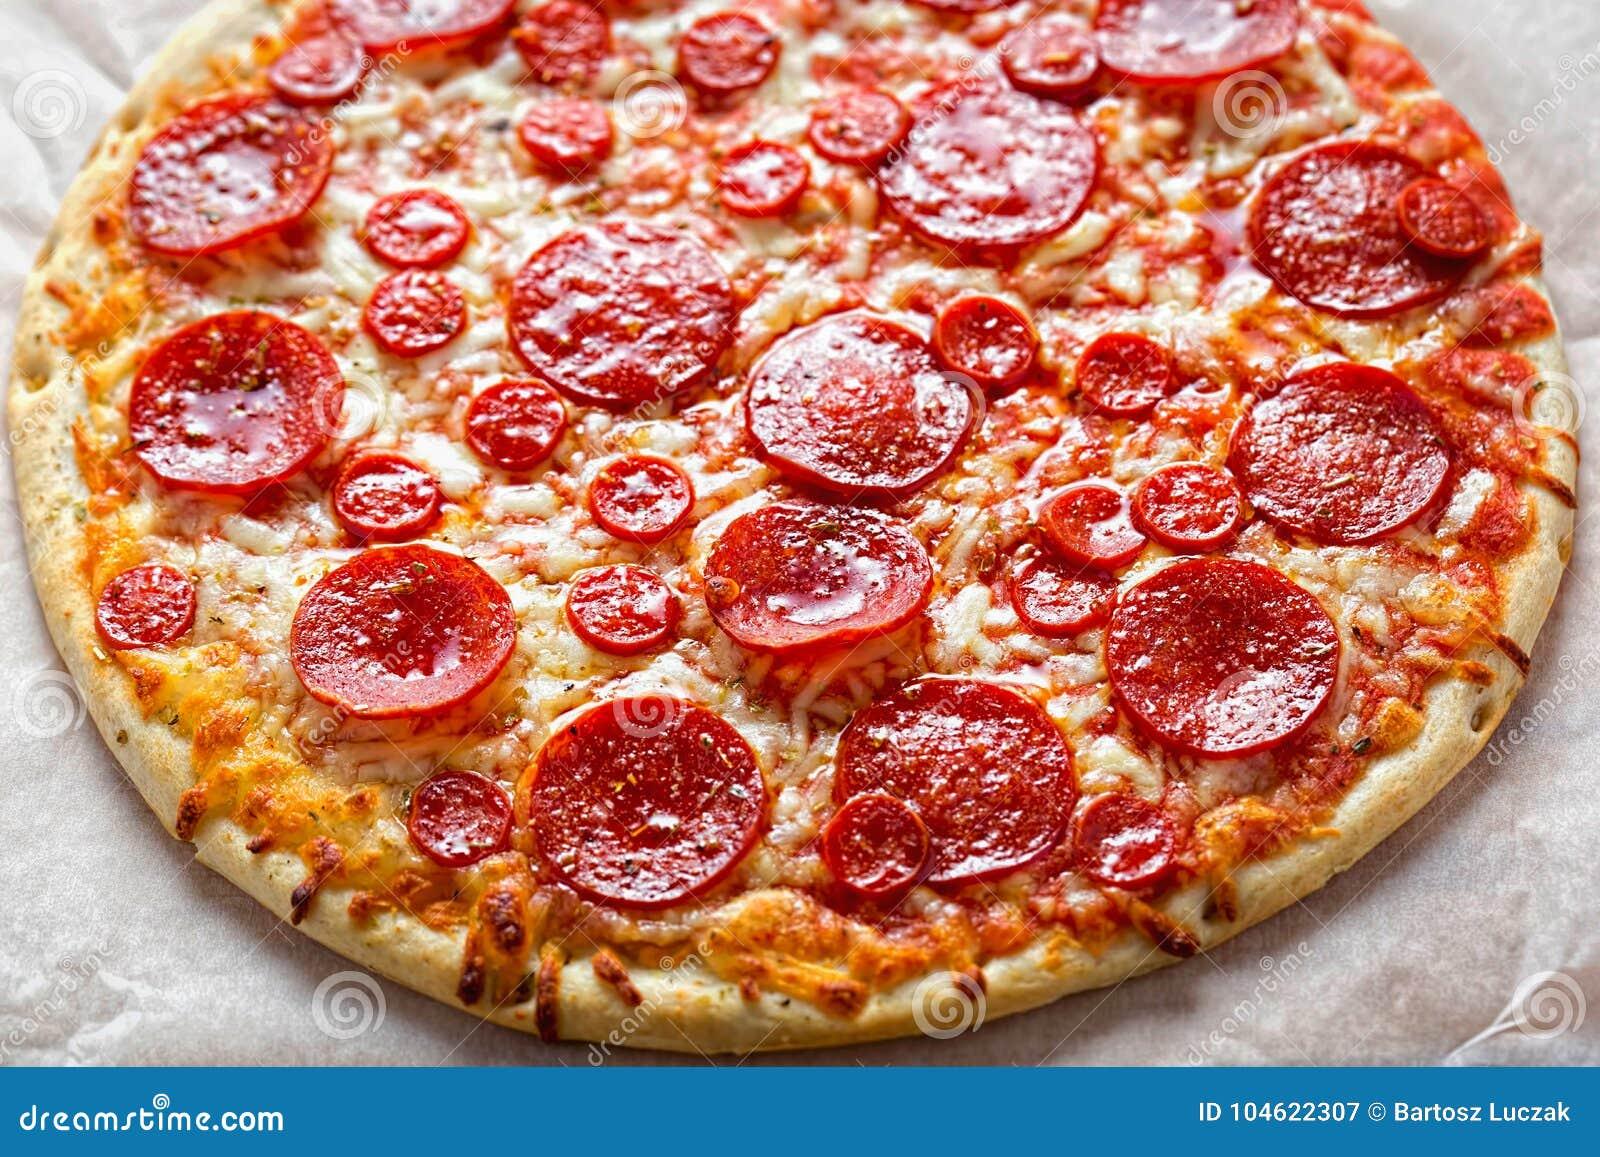 Pizzapepperonis mit Käse und Oregano